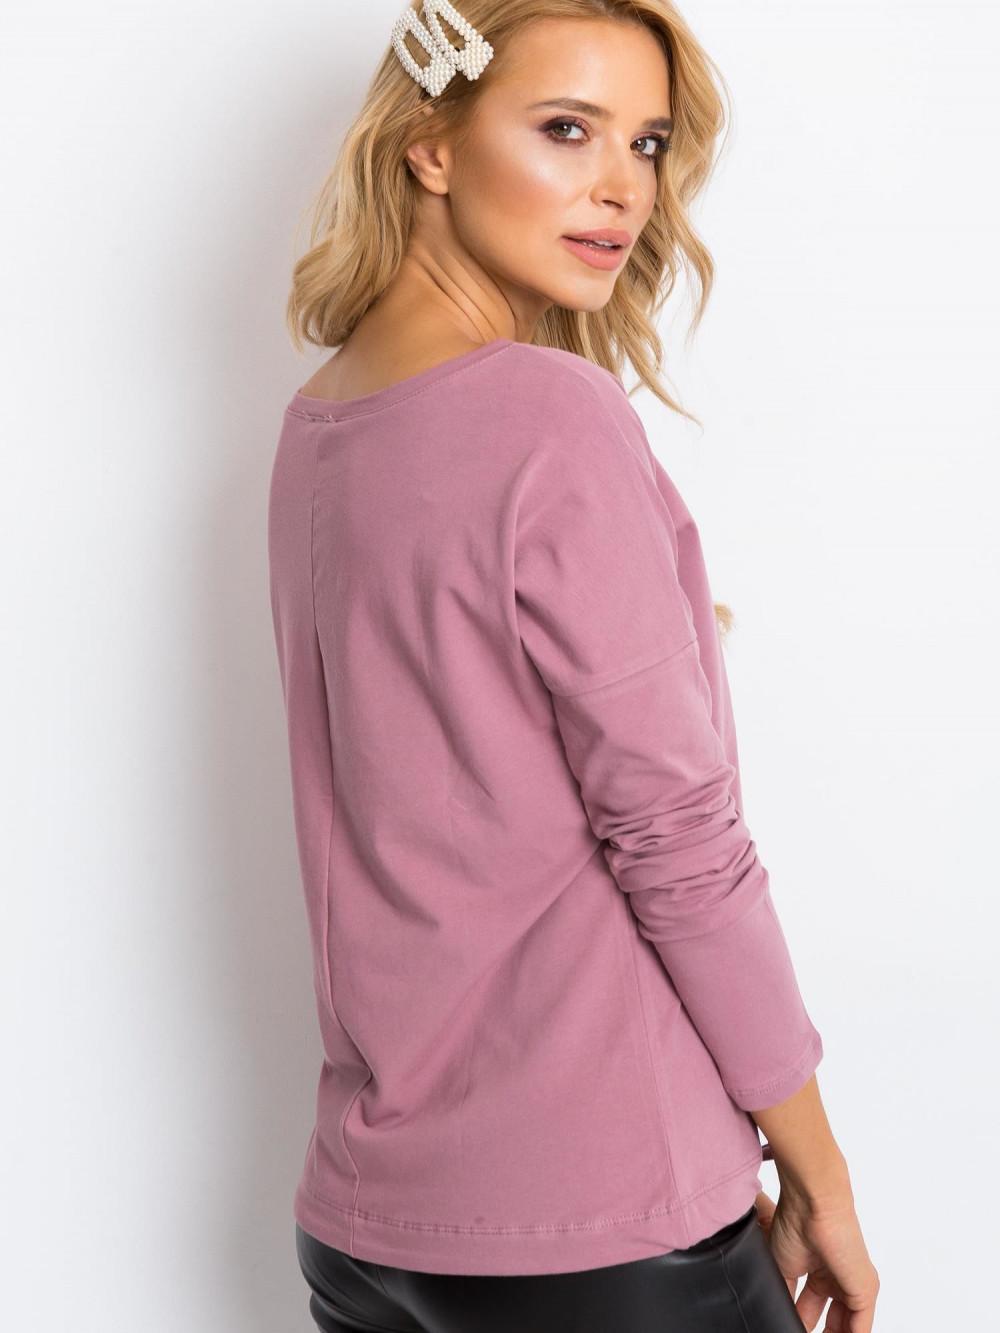 Brudnoróżowa bluzka ze ściągaczem Nadir 5